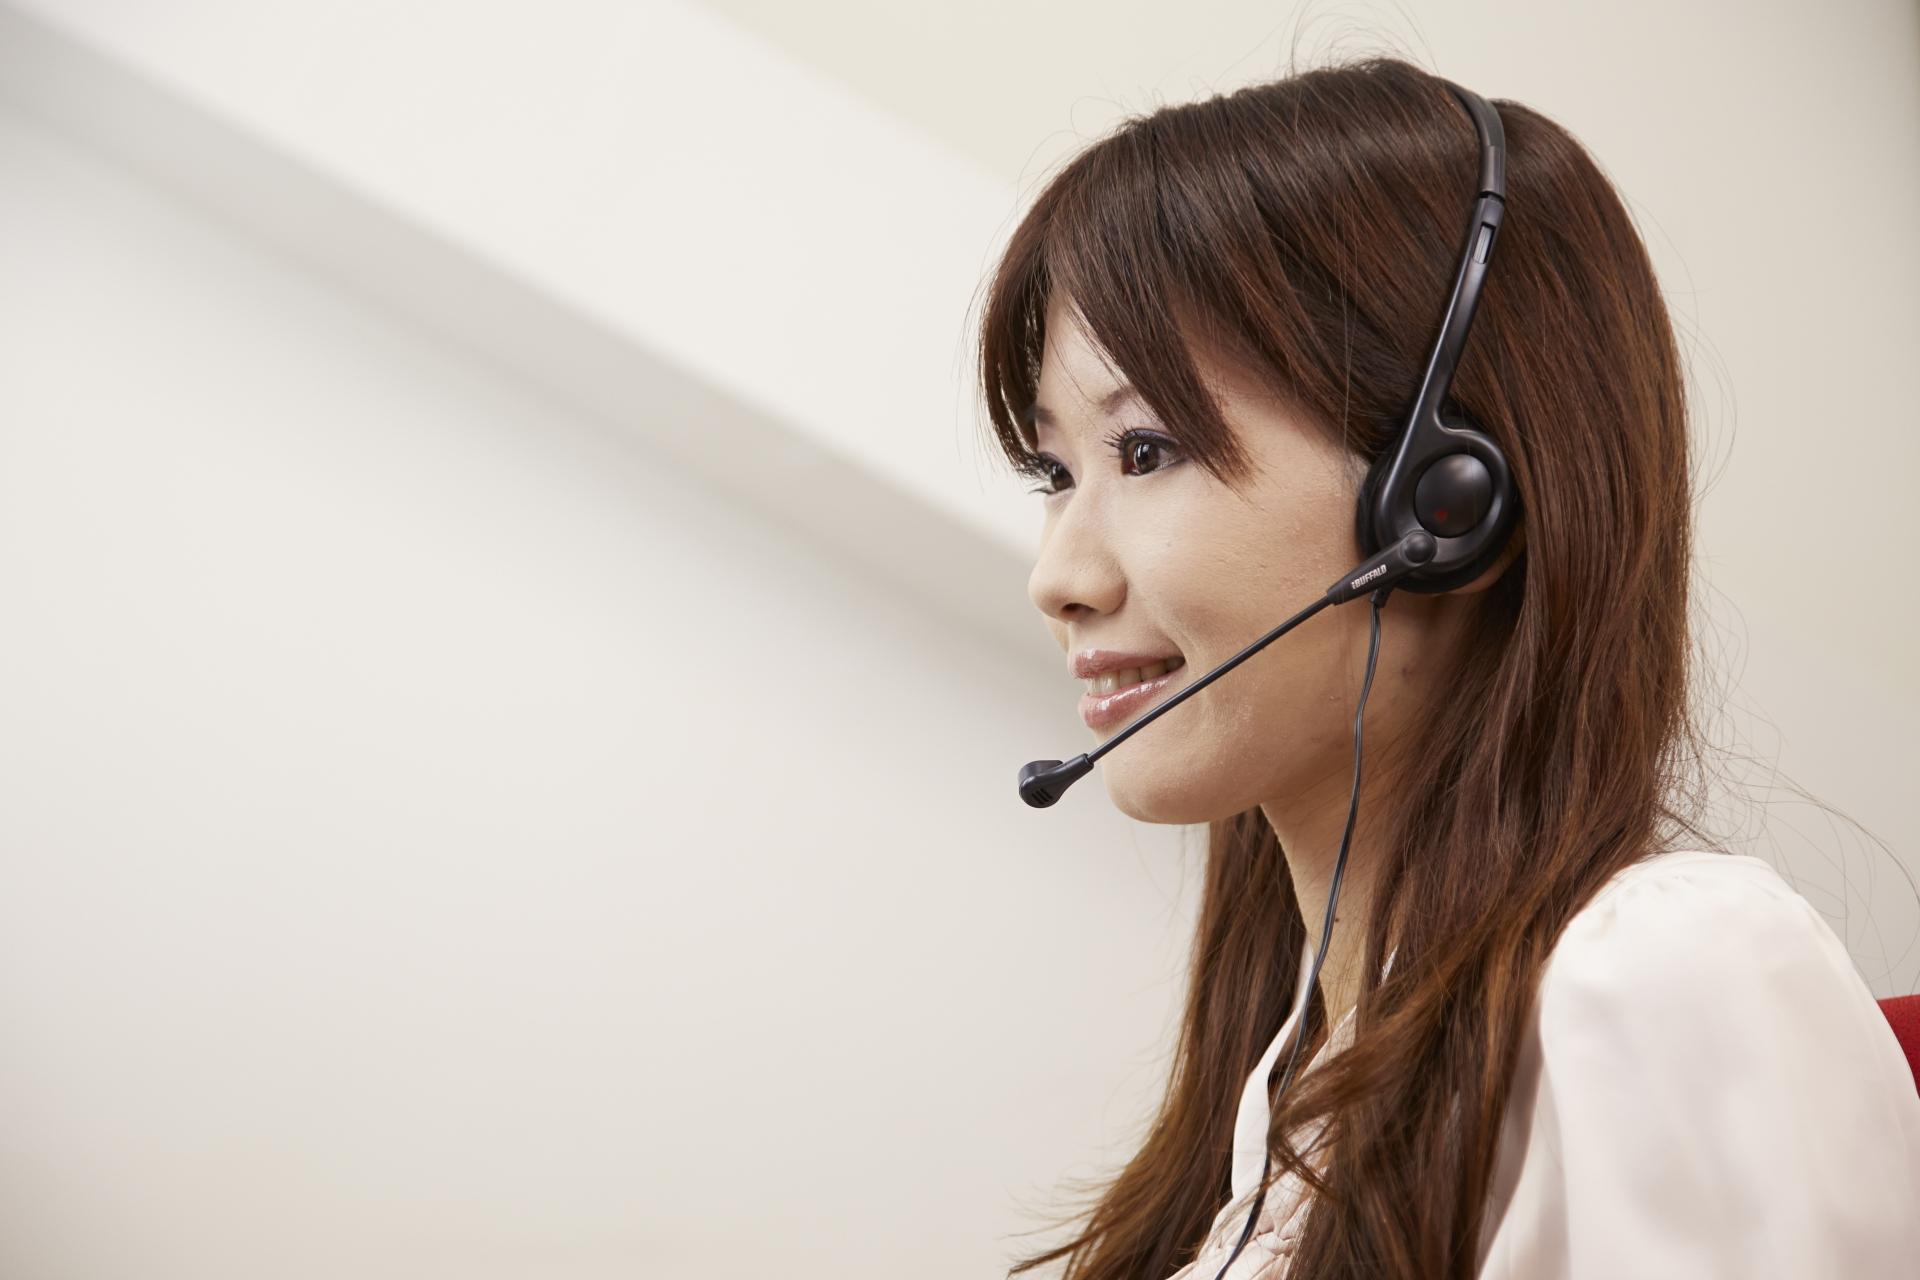 コールセンターのオペレーターを辞めたい人へ=つらい職場を上手に辞める方法